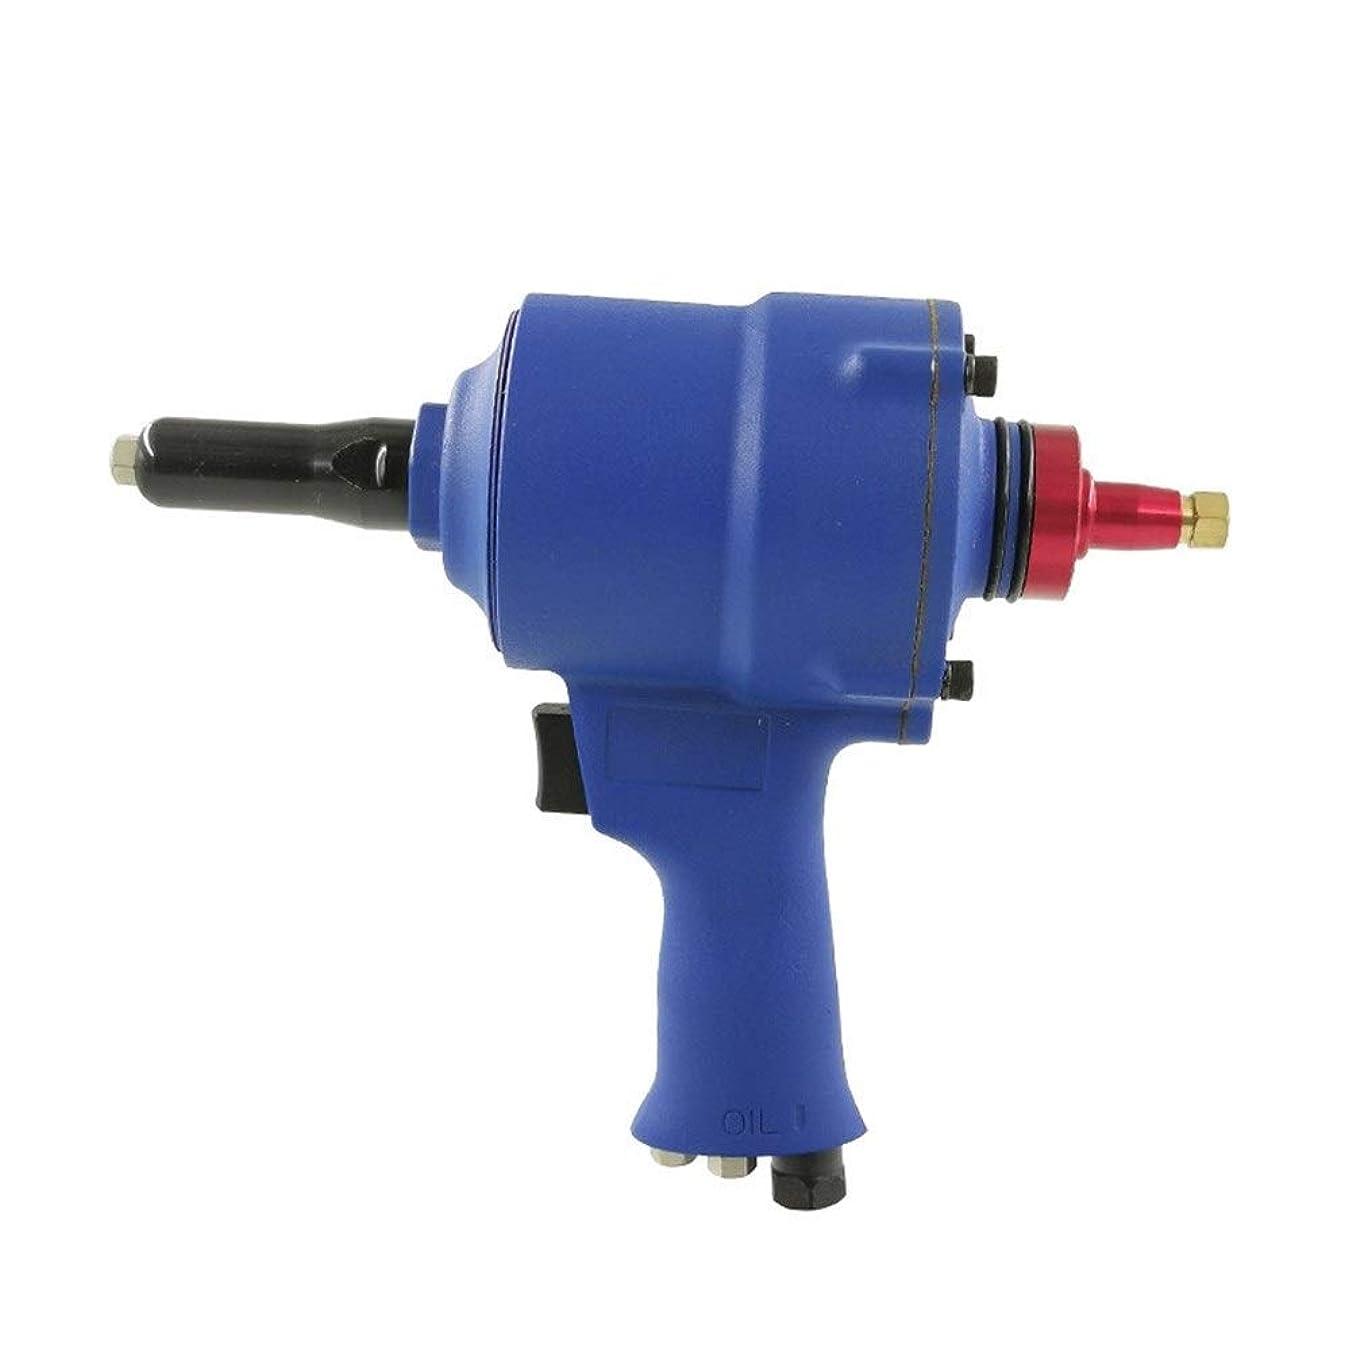 別々に殺人者印象的なエア工具 自吸式エアガンタイプリベットガン、ネイルガン空気圧ツール工業用グレードハンドツール ハンドツール (Color : Blue)